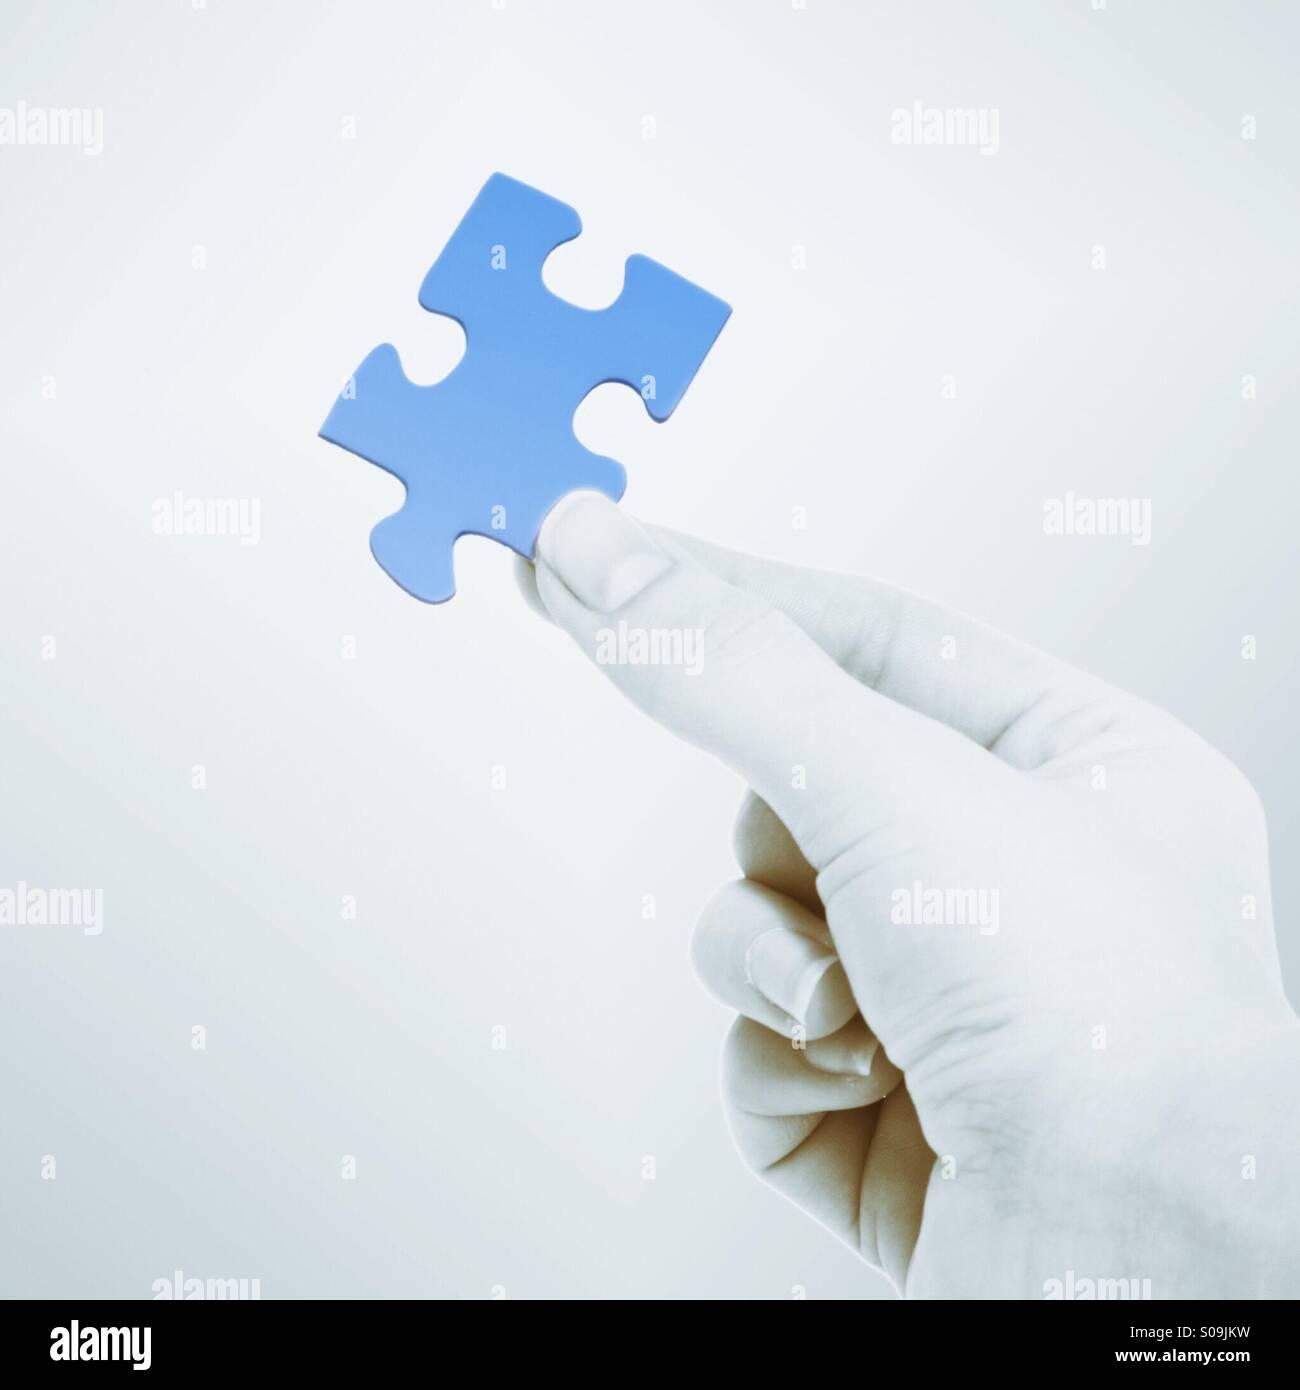 Pieza de mano sujetando el rompecabezas Imagen De Stock